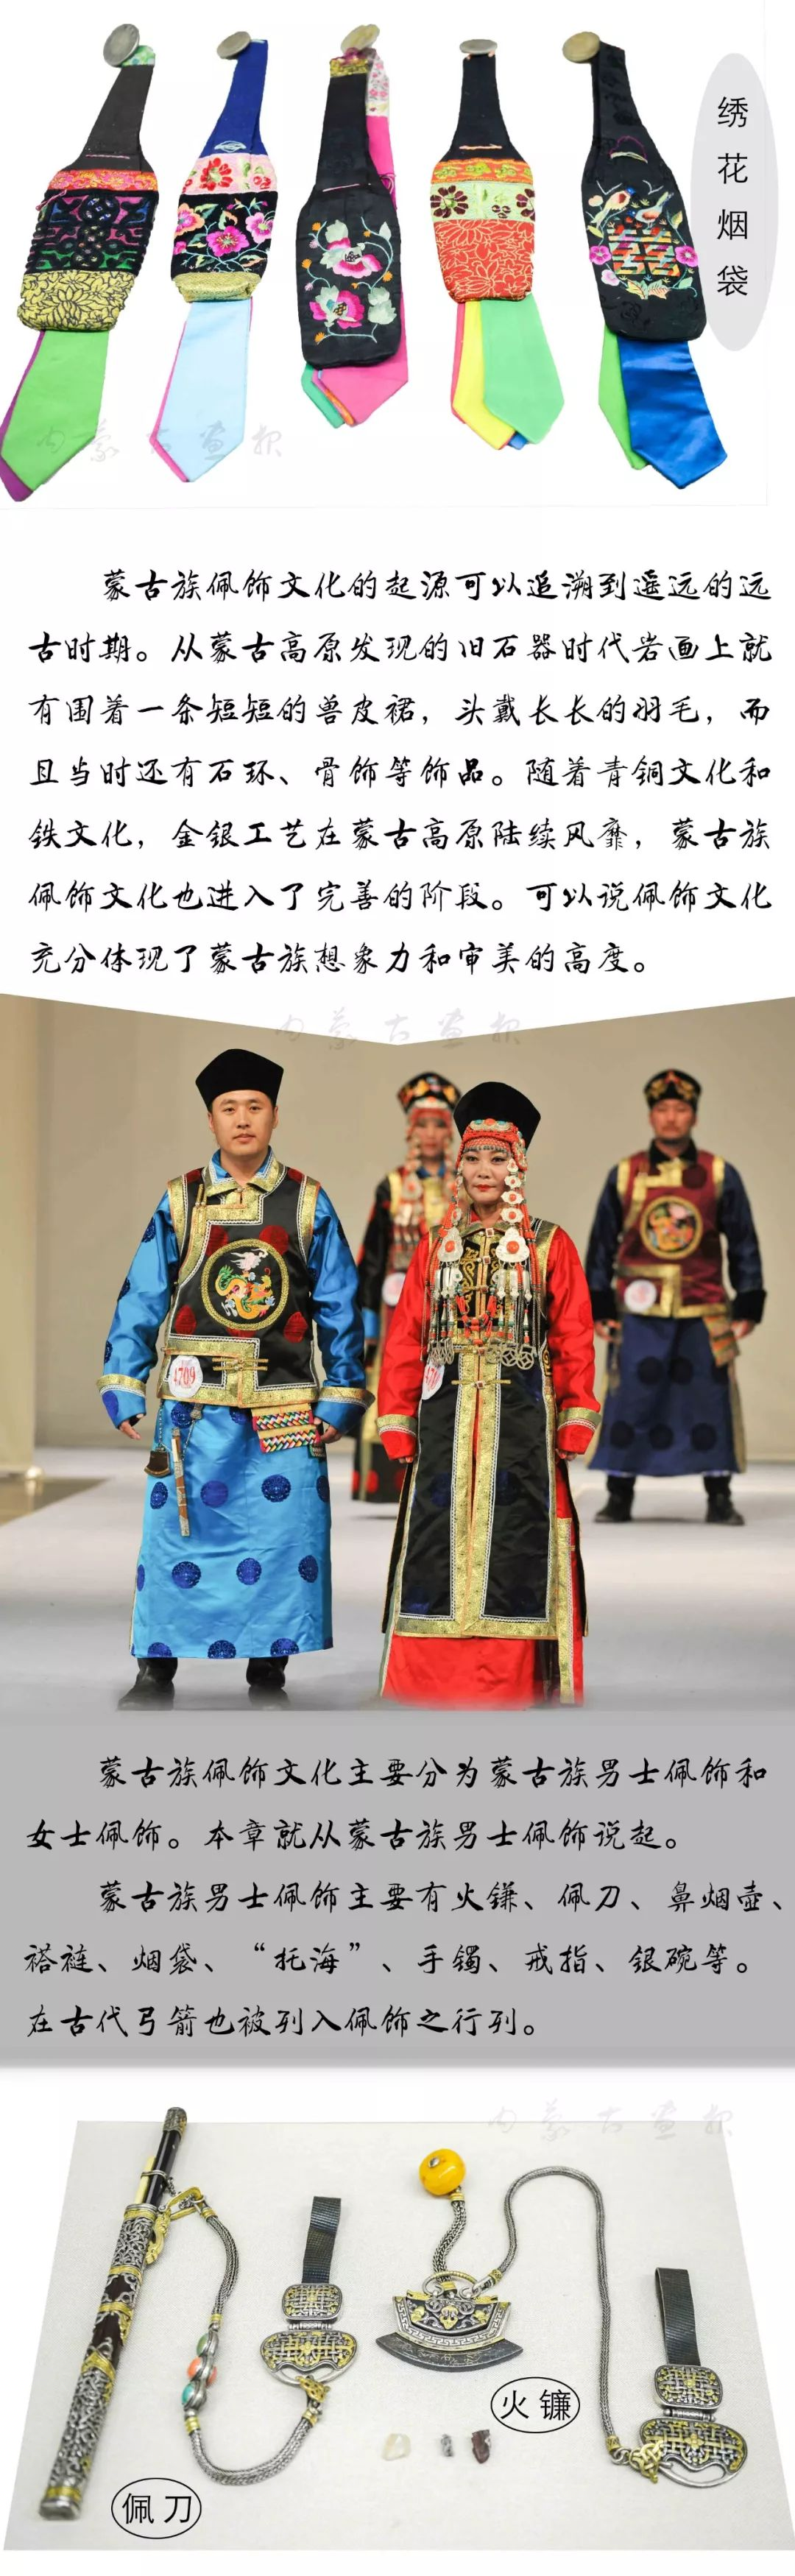 装点世界的蒙古族传统佩饰 | 男士篇 第9张 装点世界的蒙古族传统佩饰 | 男士篇 蒙古服饰